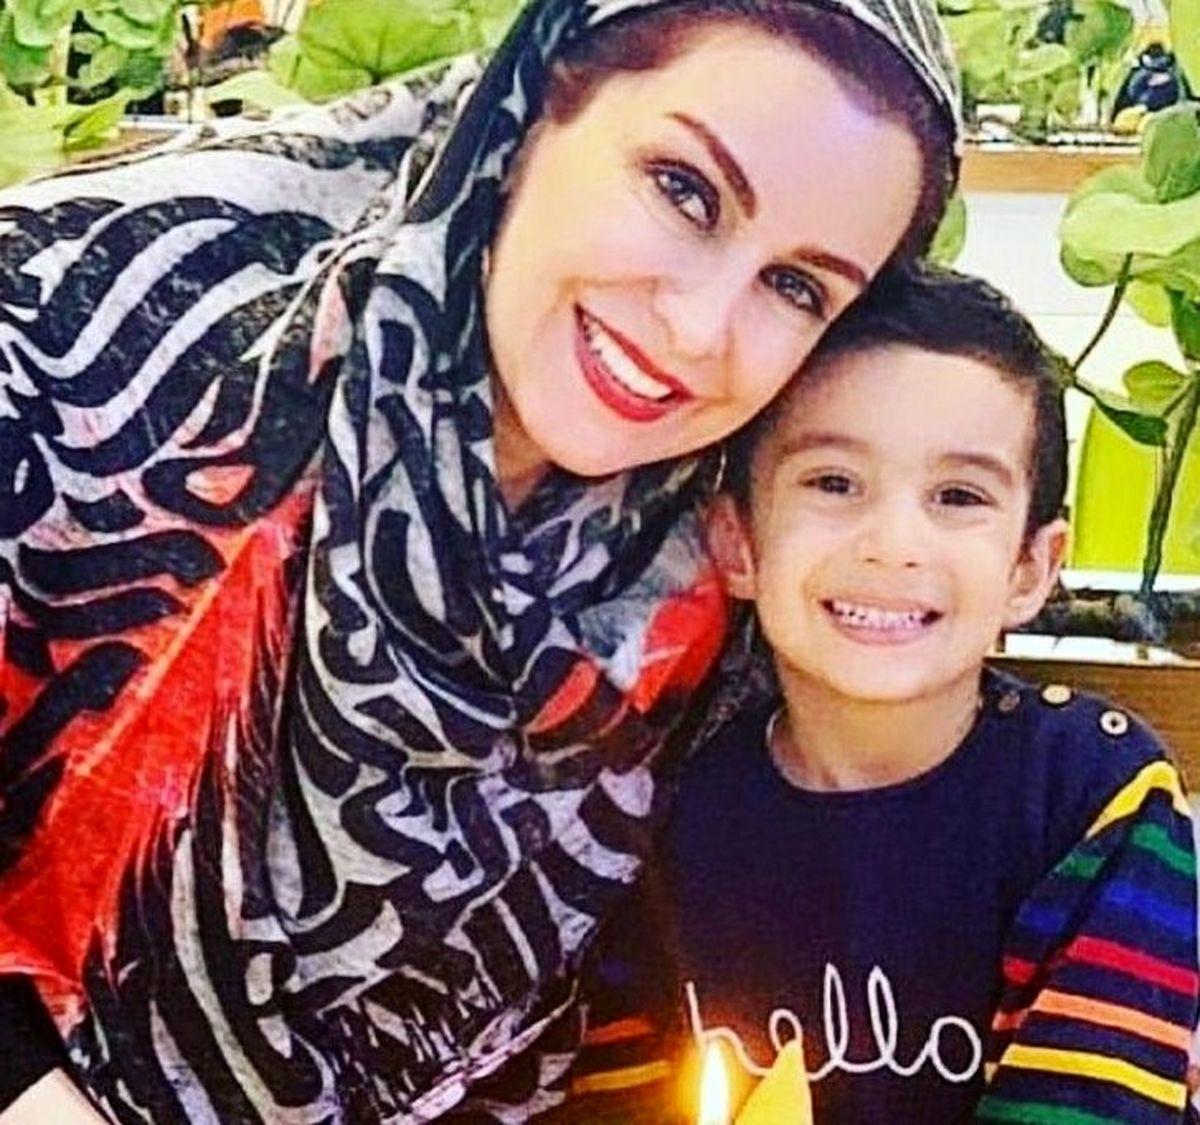 حال و روز پسر 5 ساله ماه چهره خلیلی بعد از فوت مادرش + فیلم